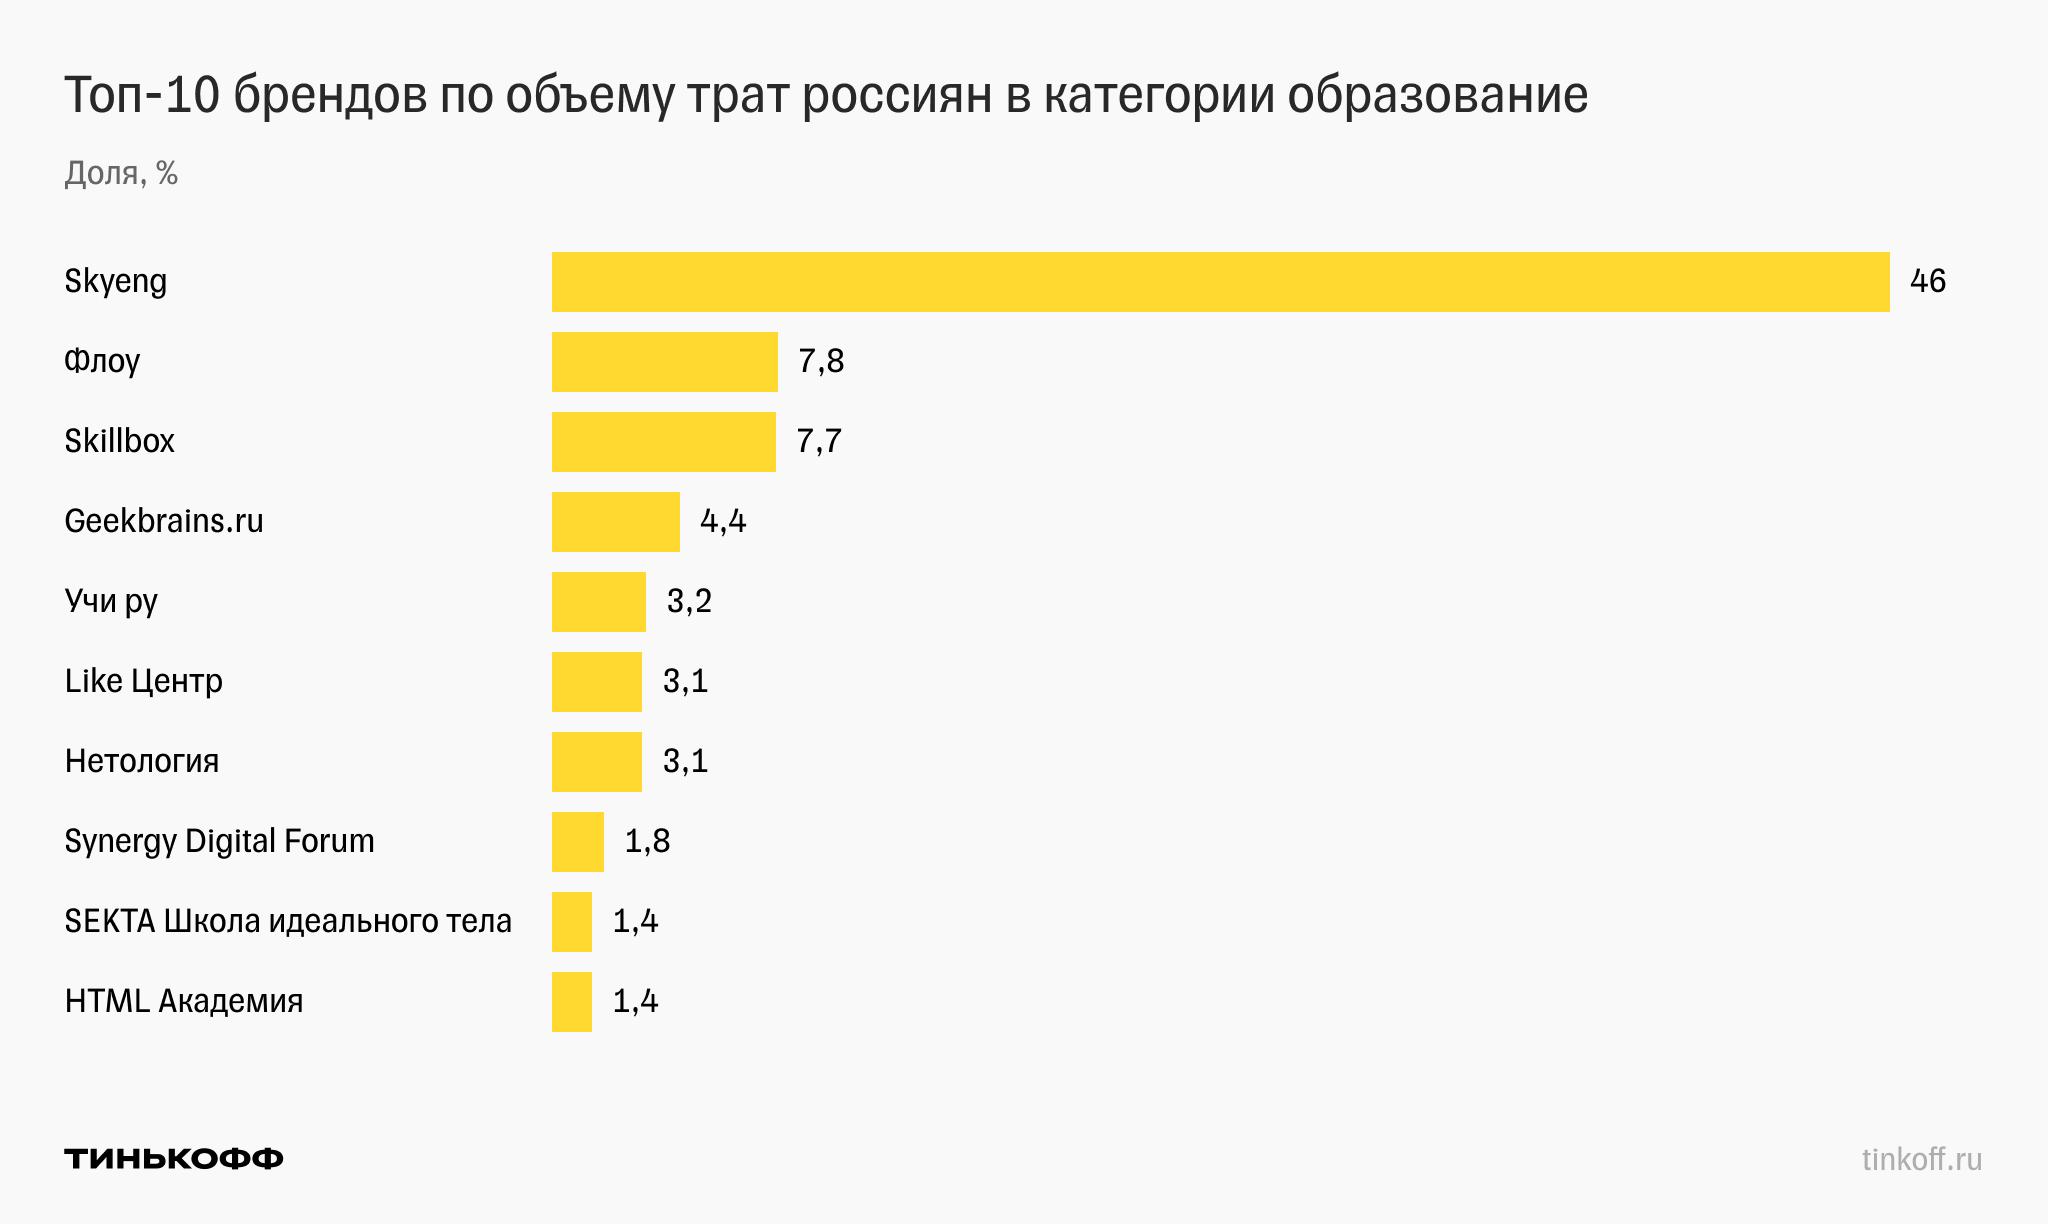 Траты россиян на образование в ИТ